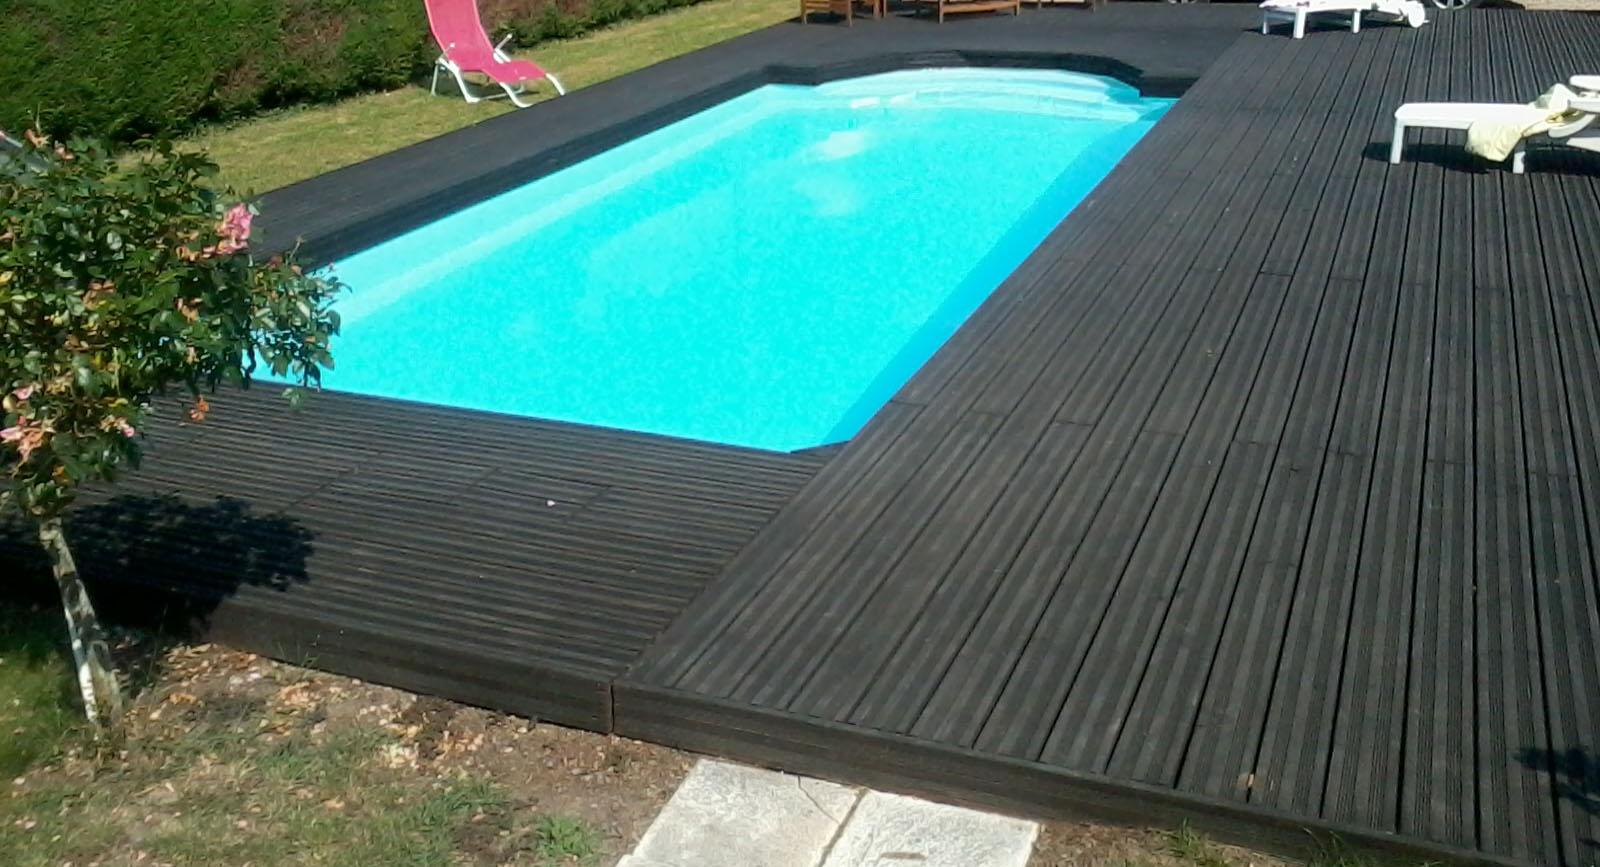 Magnifique terrasse de piscine en douglas le blog de doug for Terrasse piscine grise